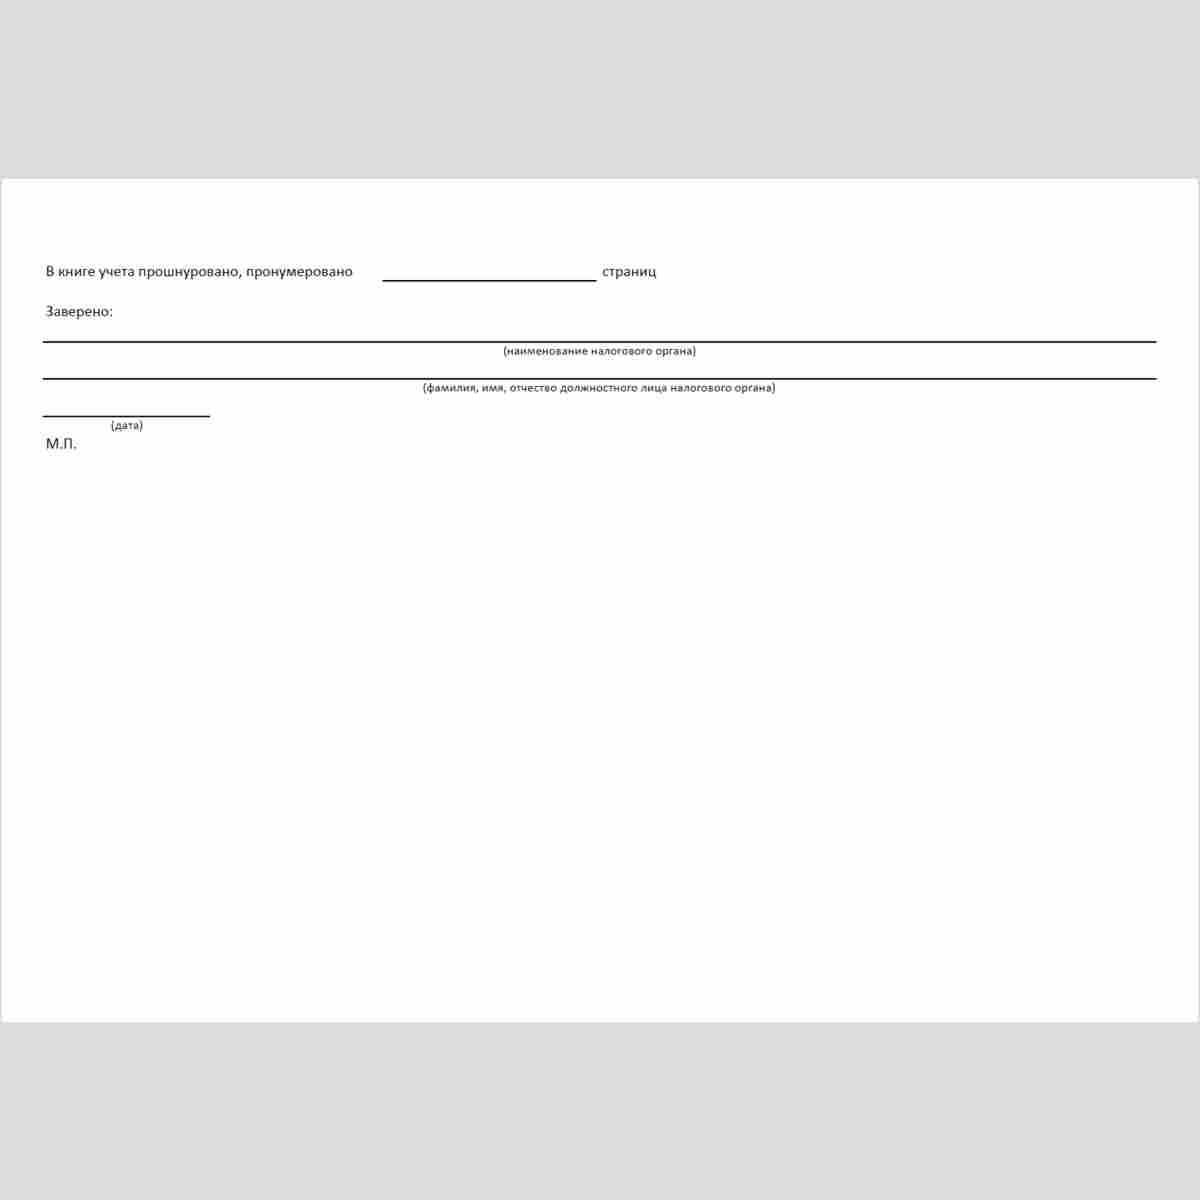 """Форма """"Книга учета доходов и расходов и хозяйственных операций индивидуального предпринимателя""""Заверяющая надпись"""